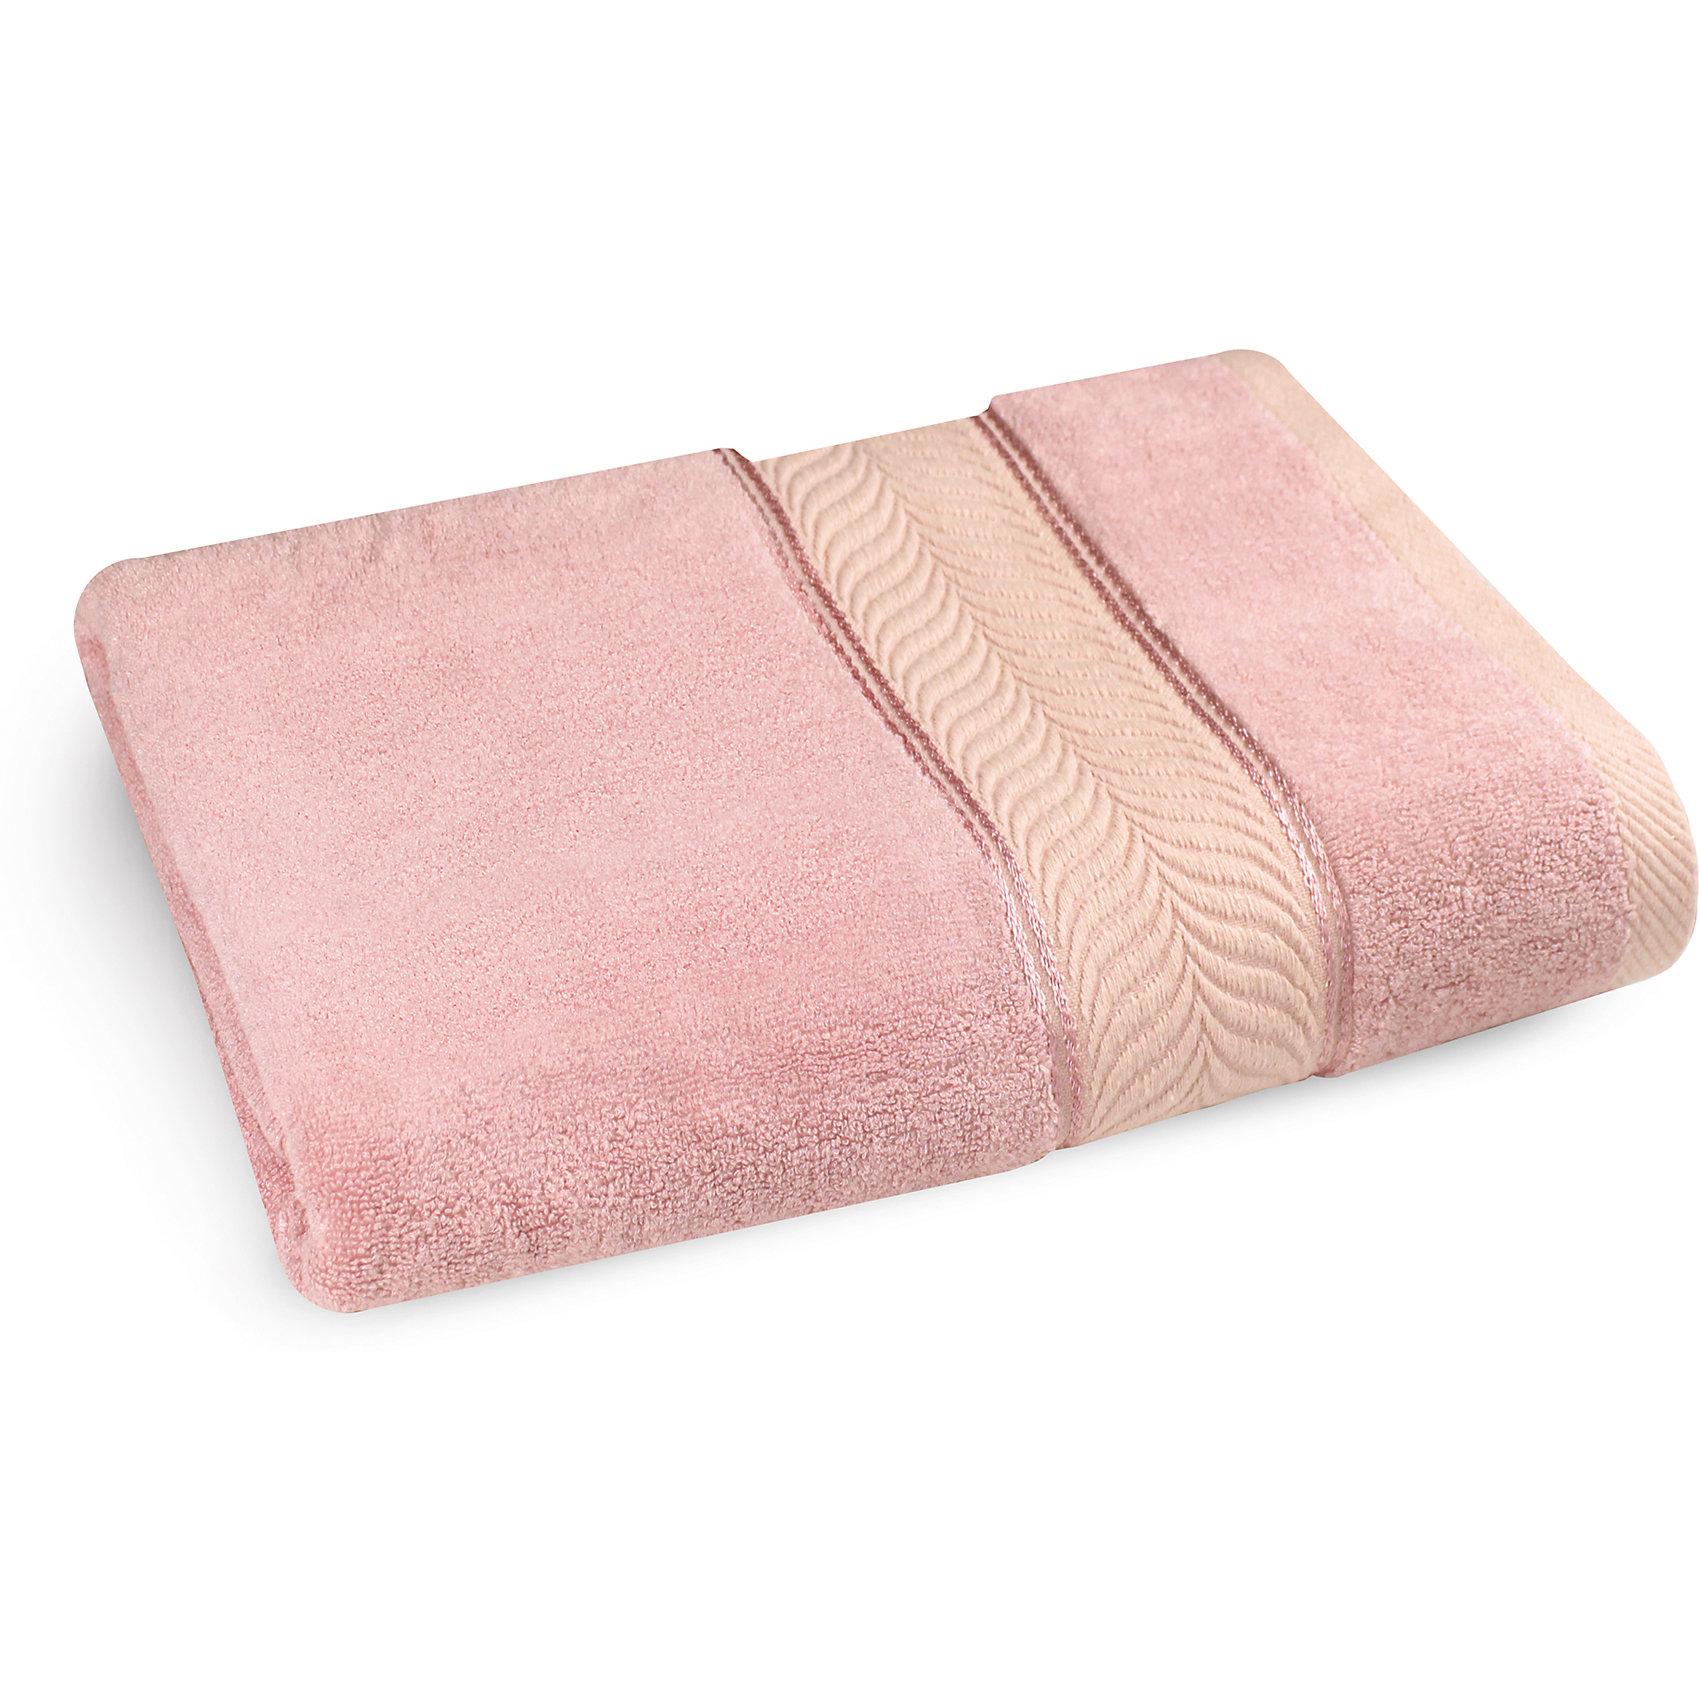 Полотенце махровое 50х100 Cozy Home бамбук, Cozy Home, розовыйПолотенце махровое 50х100 бамбук, Cozy Home (Кози Хоум), розовый<br><br>Характеристики:<br><br>• быстро впитывает влагу<br>• препятствует размножению бактерий<br>• легко отстирывается<br>• размер: 50х100 см<br>• материал: бамбук<br>• бордюр: вискоза<br>• цвет: розовый<br><br>Махровое полотенце от Cozy Home изготовлено из экологически чистого материала - бамбука. Оно быстро впитывает большое количество влаги. При этом бамбуковые волокна препятствуют размножению микробов и бактерий. Полотенце очень приятно на ощупь, а также не вызывает раздражения на коже. Оно отлично подойдет даже для новорожденных. Полотенце очень неприхотливо в уходе. Достаточно постирать его при температуре 30-40? или вручную с мылом. Приятный дизайн полотенца понравится каждому. Бордюр из вискозы придает полотенцу особенную нежность и изысканность. Это полотенце подарит вам комфорт и уют, радуя своей мягкостью.<br><br>Полотенце махровое 50х100 бамбук, Cozy Home (Кози Хоум), розовый можно купить в нашем интернет-магазине.<br><br>Ширина мм: 150<br>Глубина мм: 250<br>Высота мм: 150<br>Вес г: 250<br>Возраст от месяцев: 0<br>Возраст до месяцев: 216<br>Пол: Женский<br>Возраст: Детский<br>SKU: 5355299